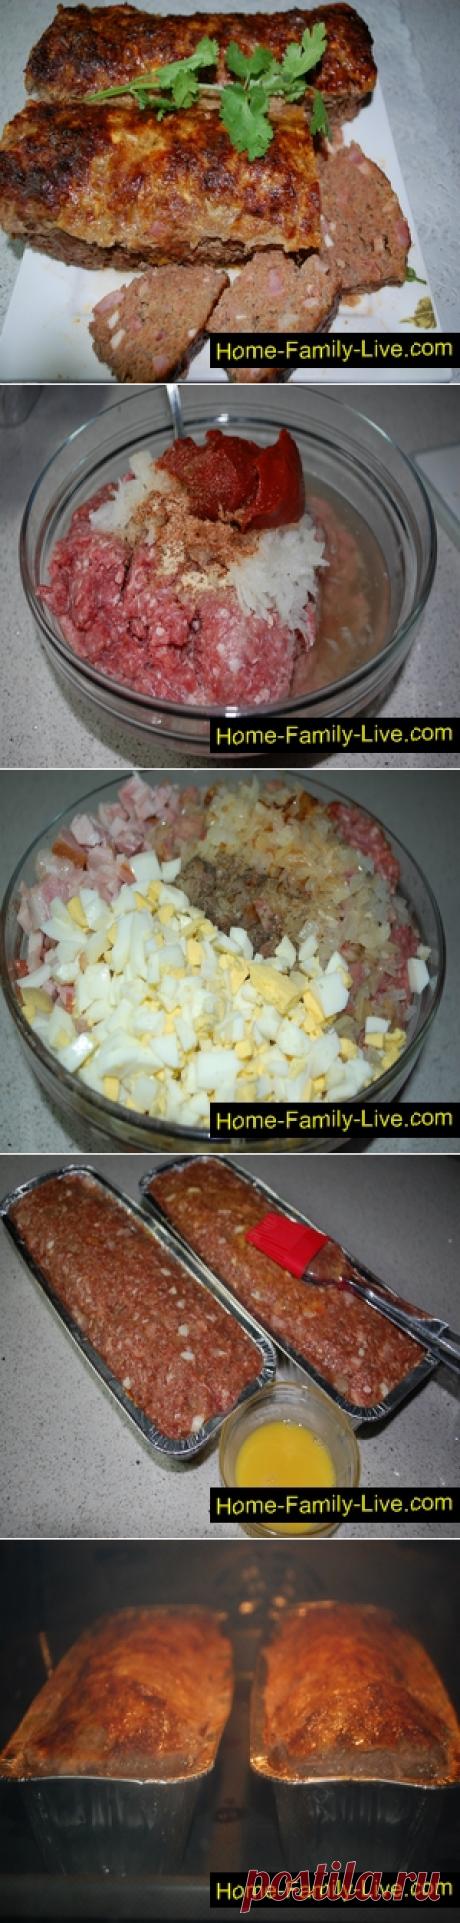 Мясной хлеб - пошаговый рецепт с фото - фальшивый заяцКулинарные рецепты